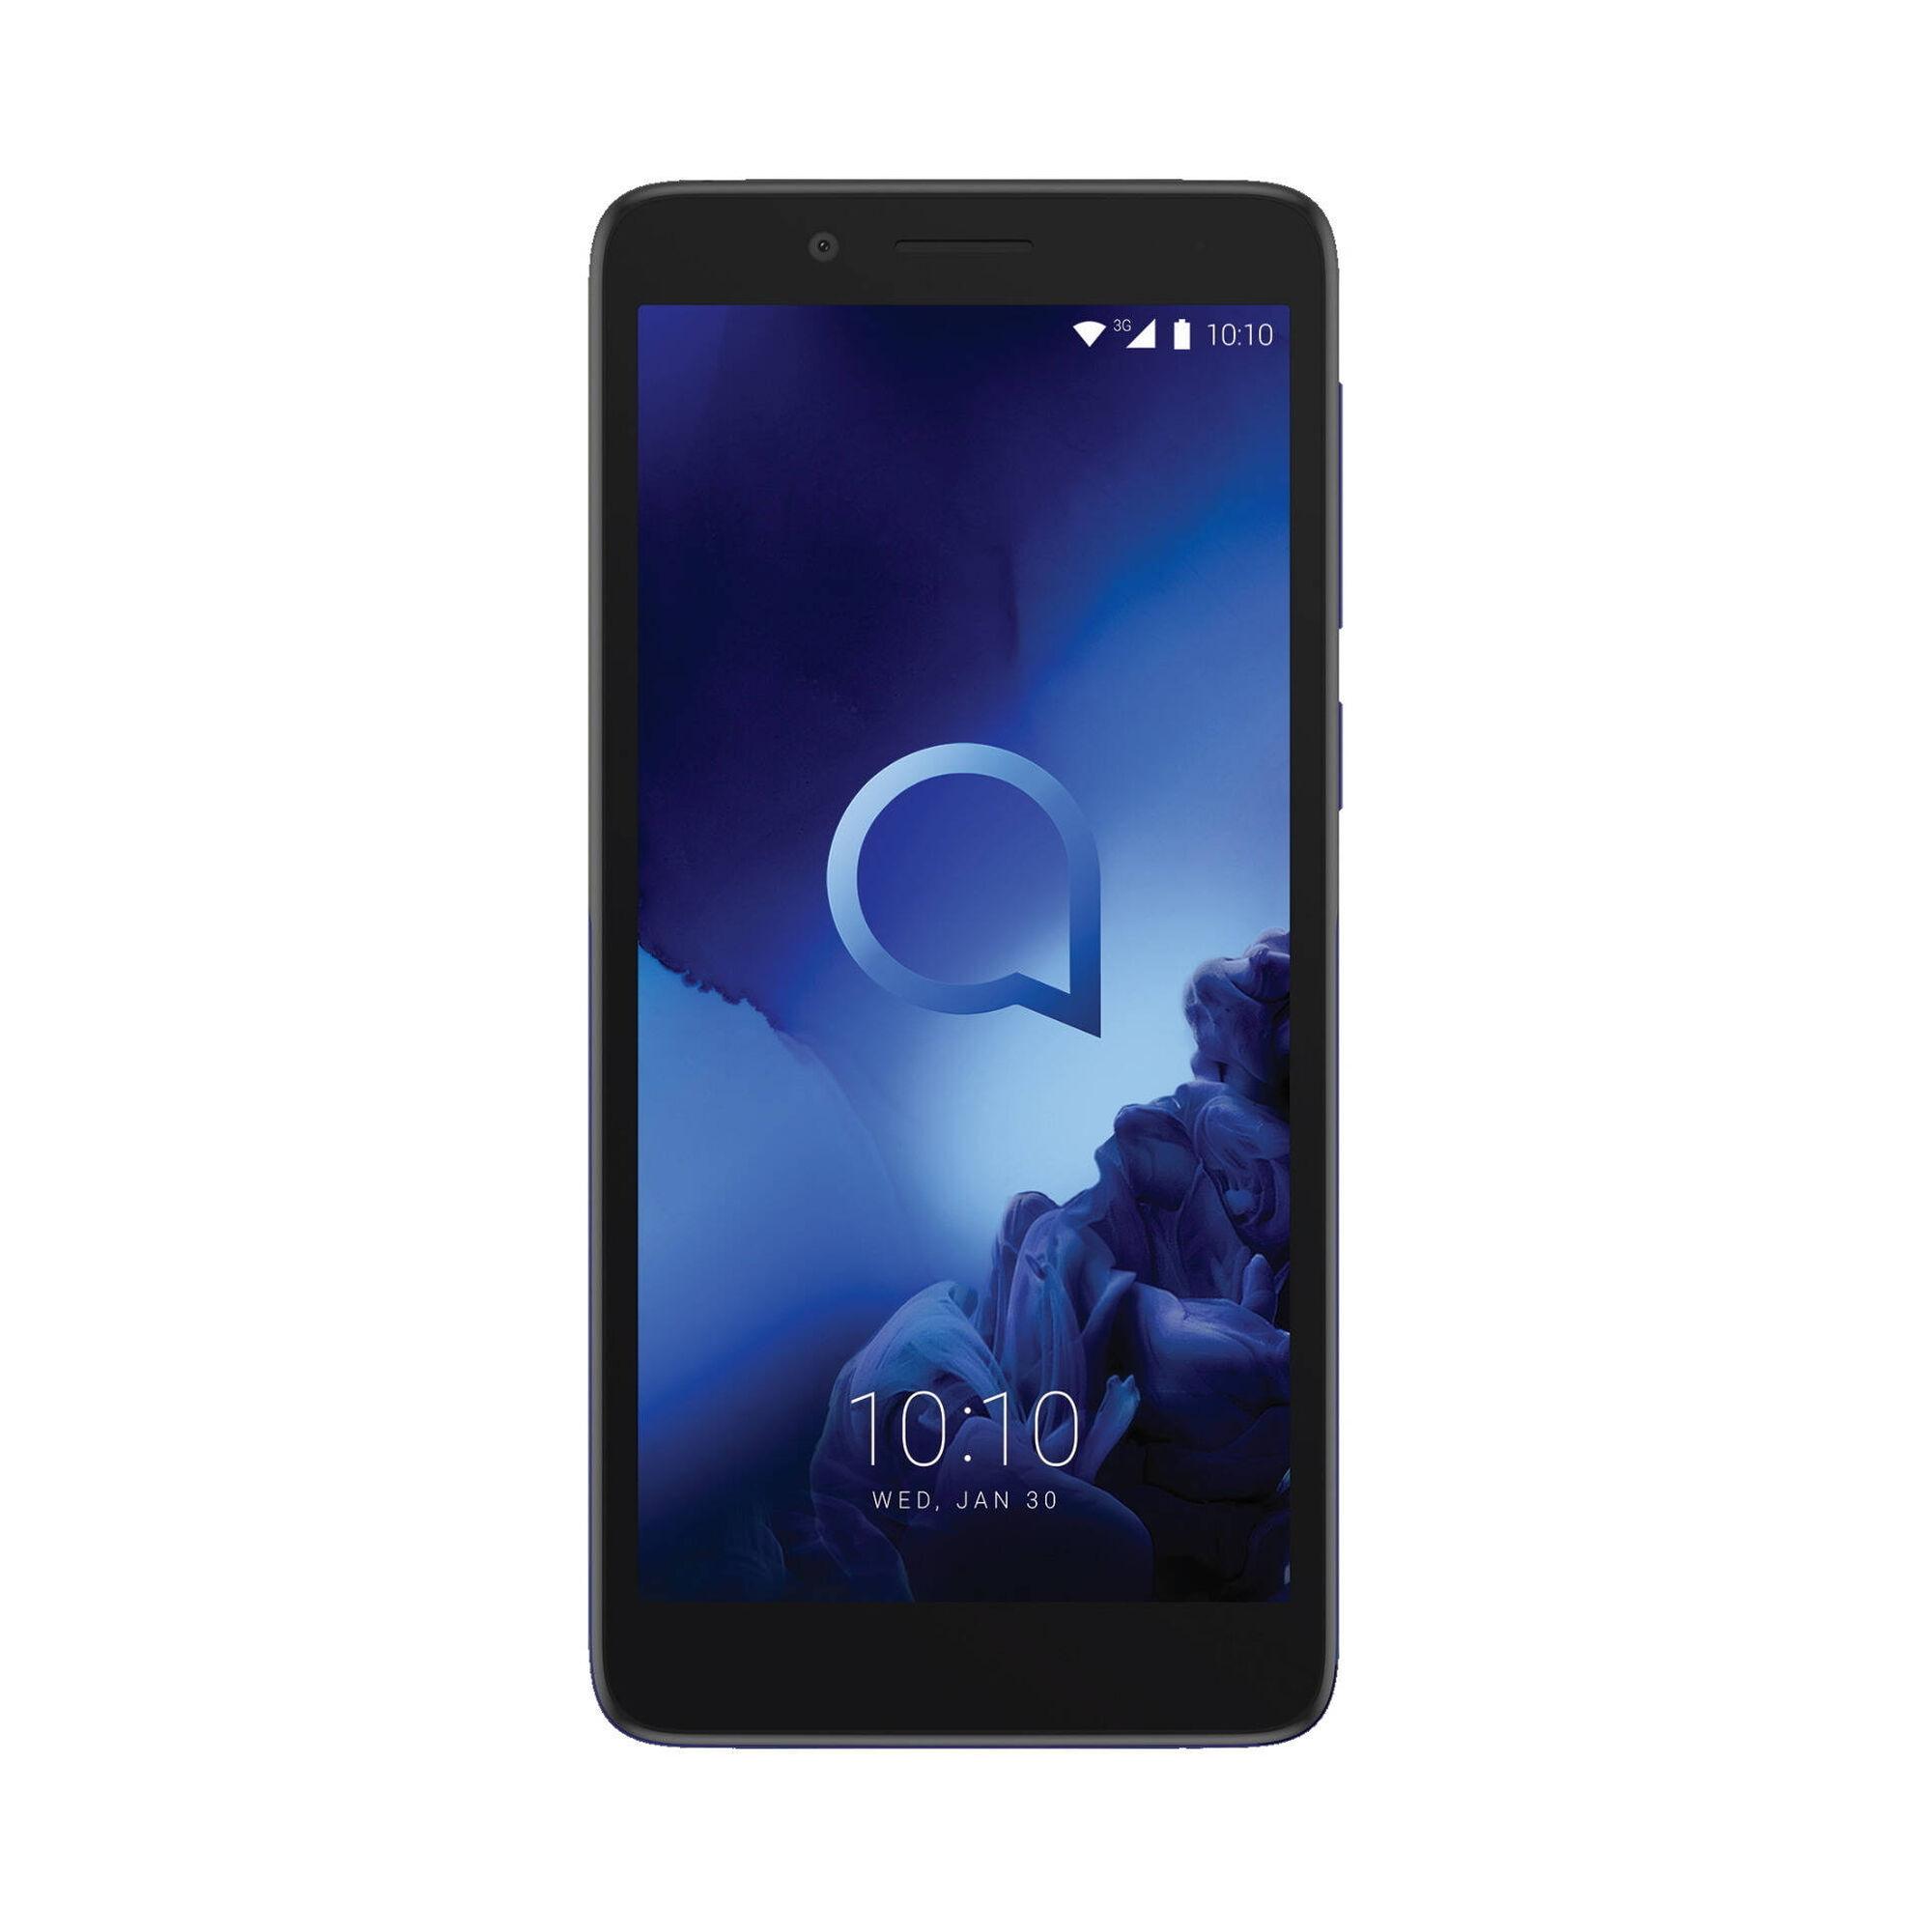 Smartphone Desbloqueado NOS Alcatel 1 4G Preto